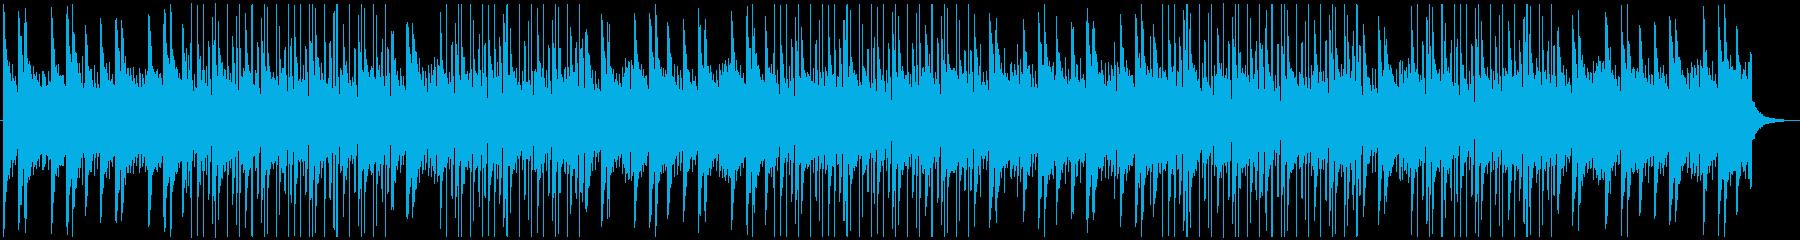 リラックス・穏やか・チル・LoFiの再生済みの波形